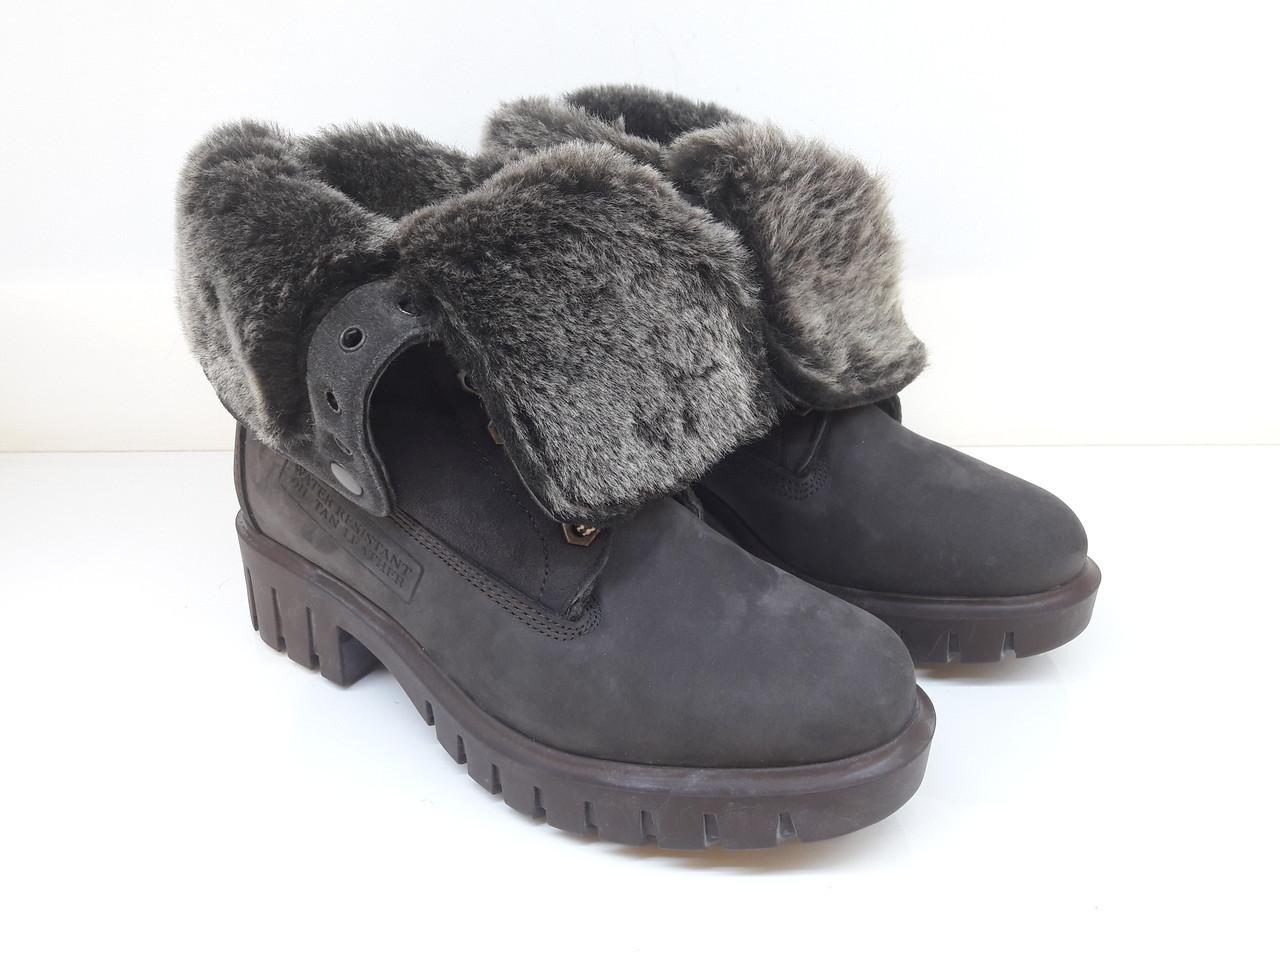 Ботинки Etor 10315-021554-1516 37 коричневые